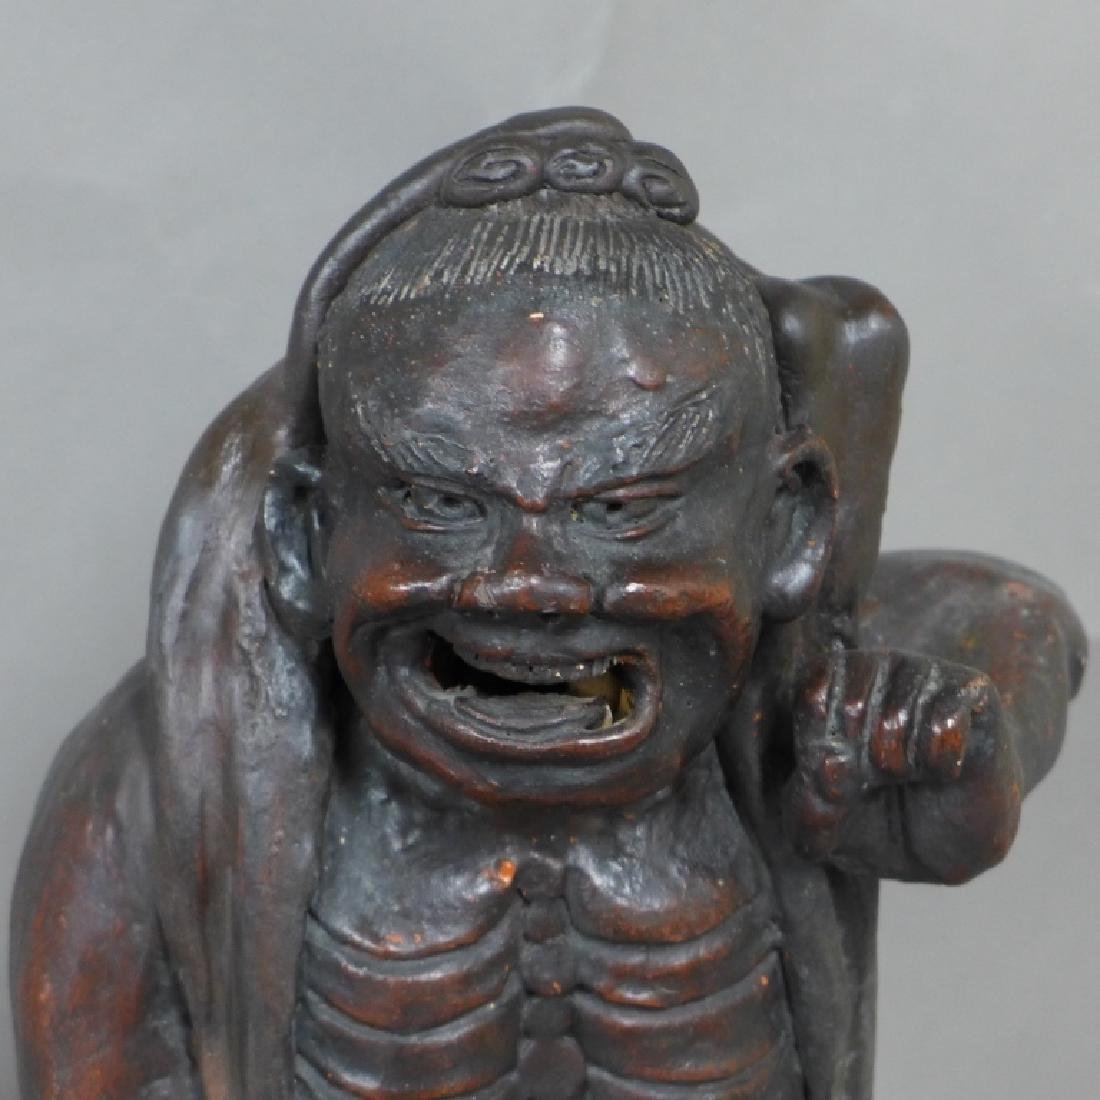 Asian Terracotta Figural Statue - 2